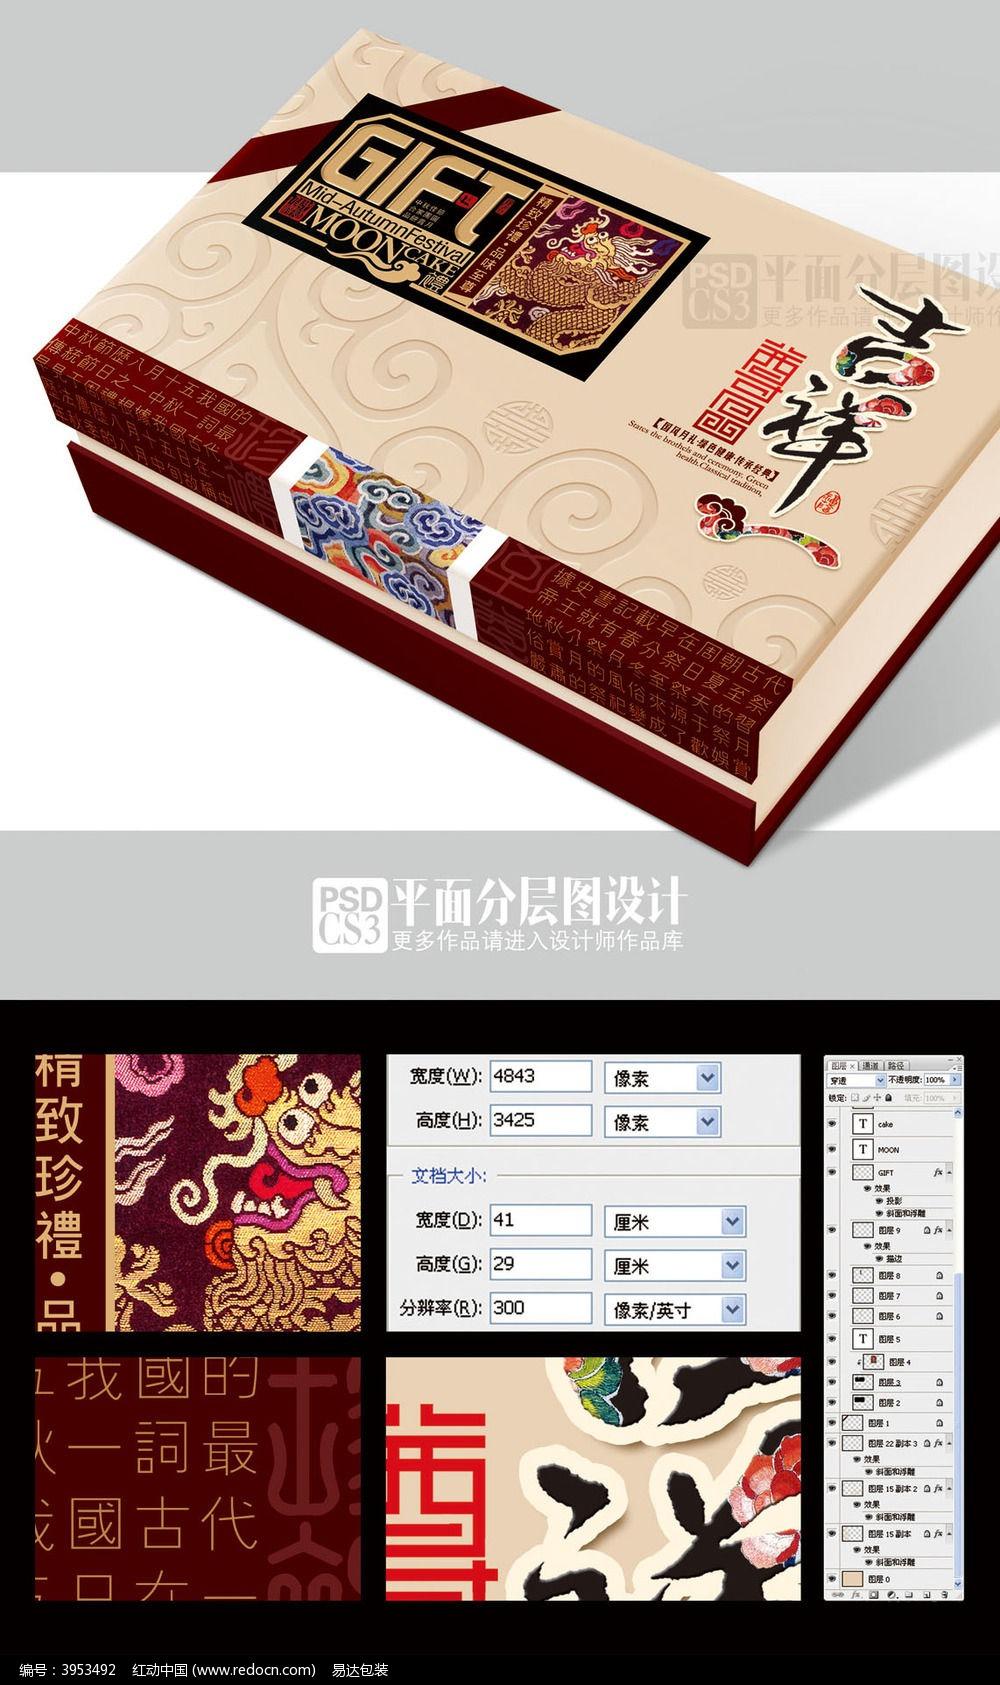 原创设计稿 包装设计/手提袋 食品包装 吉祥尊品金月饼礼盒(平面分层